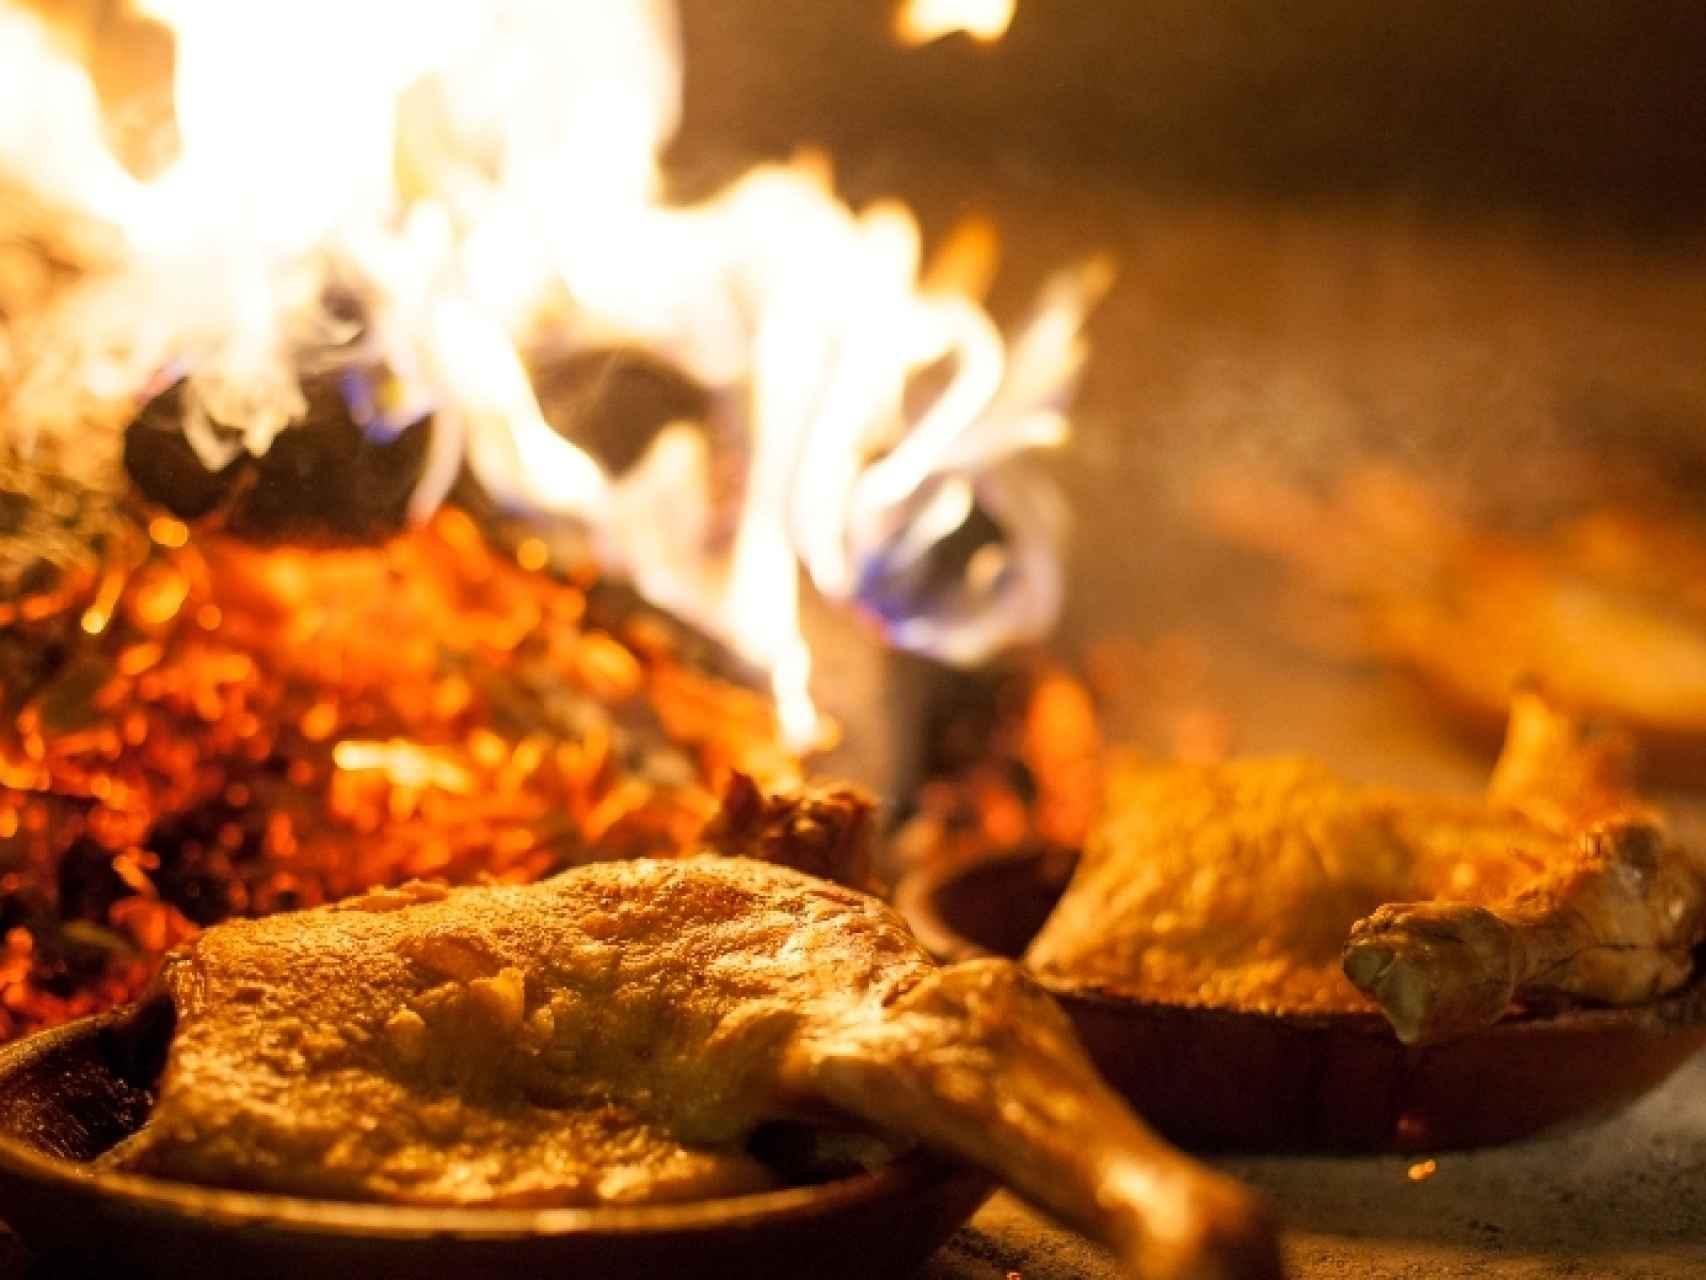 Los 11 mejores restaurantes de España para comer cordero